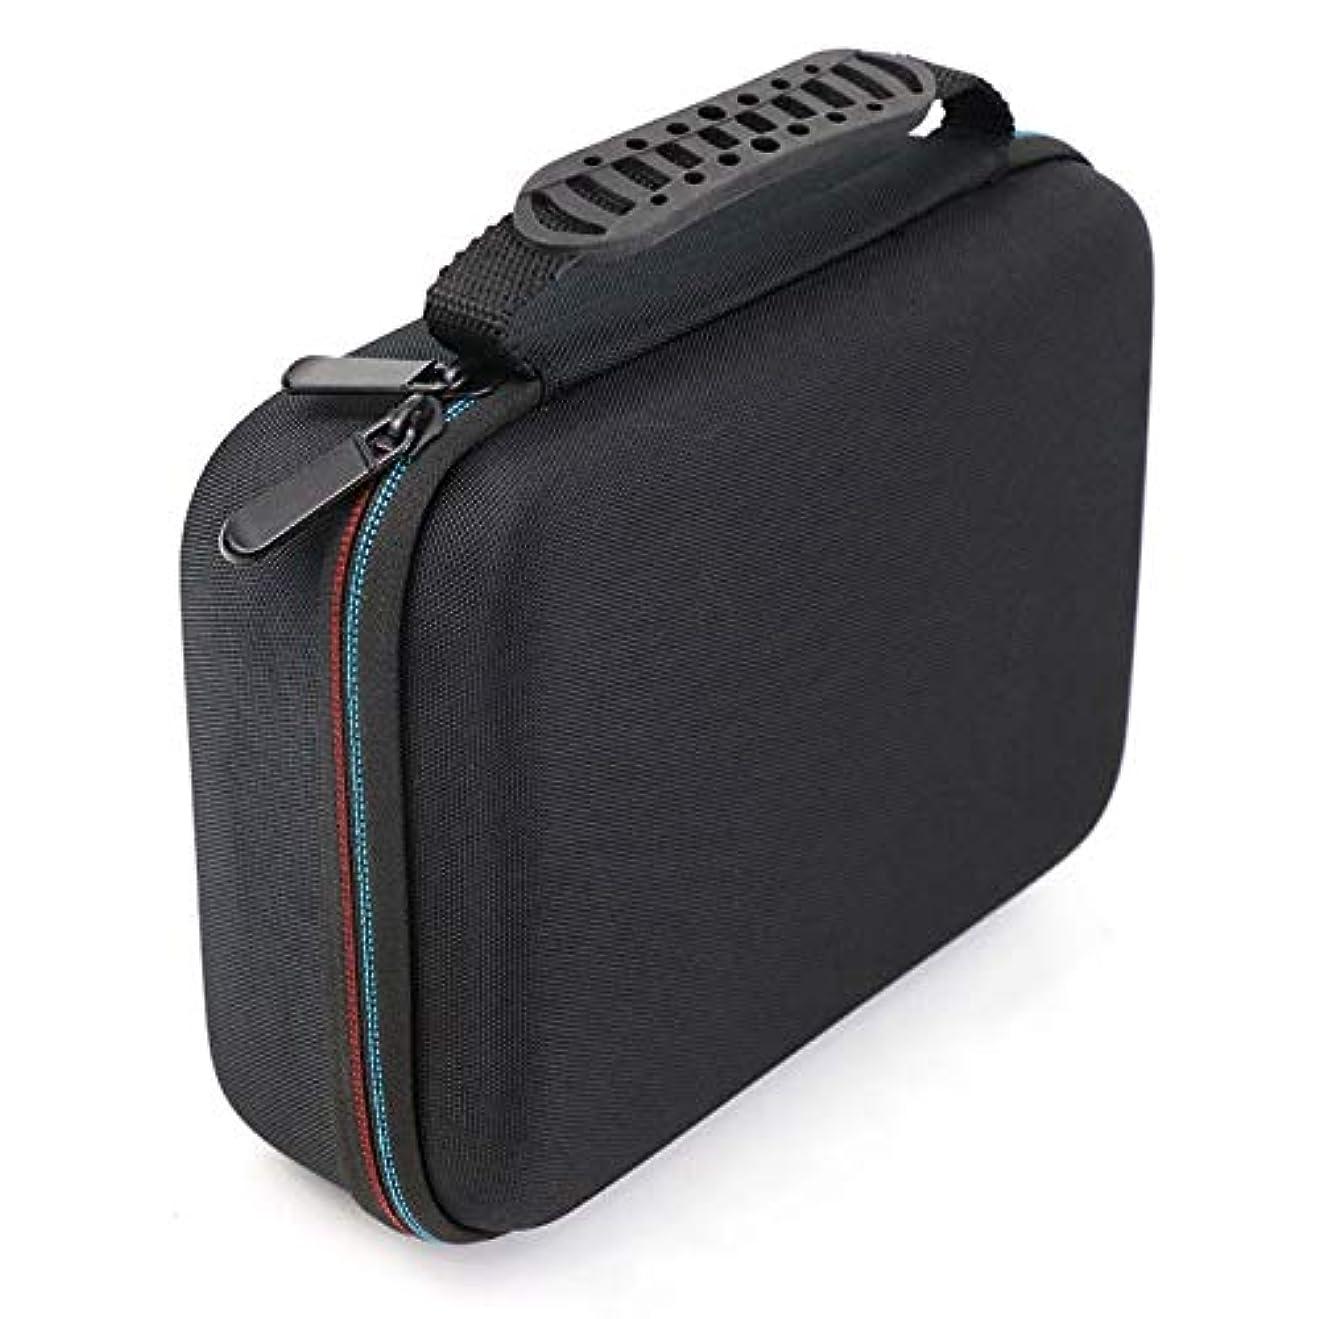 推測床揃えるGaoominy バリカンの収納ケース、携帯用ケース、耐衝撃バッグ、シェーバーのキット、Evaハードケース、収納バッグ、 Mgk3020/3060/3080用